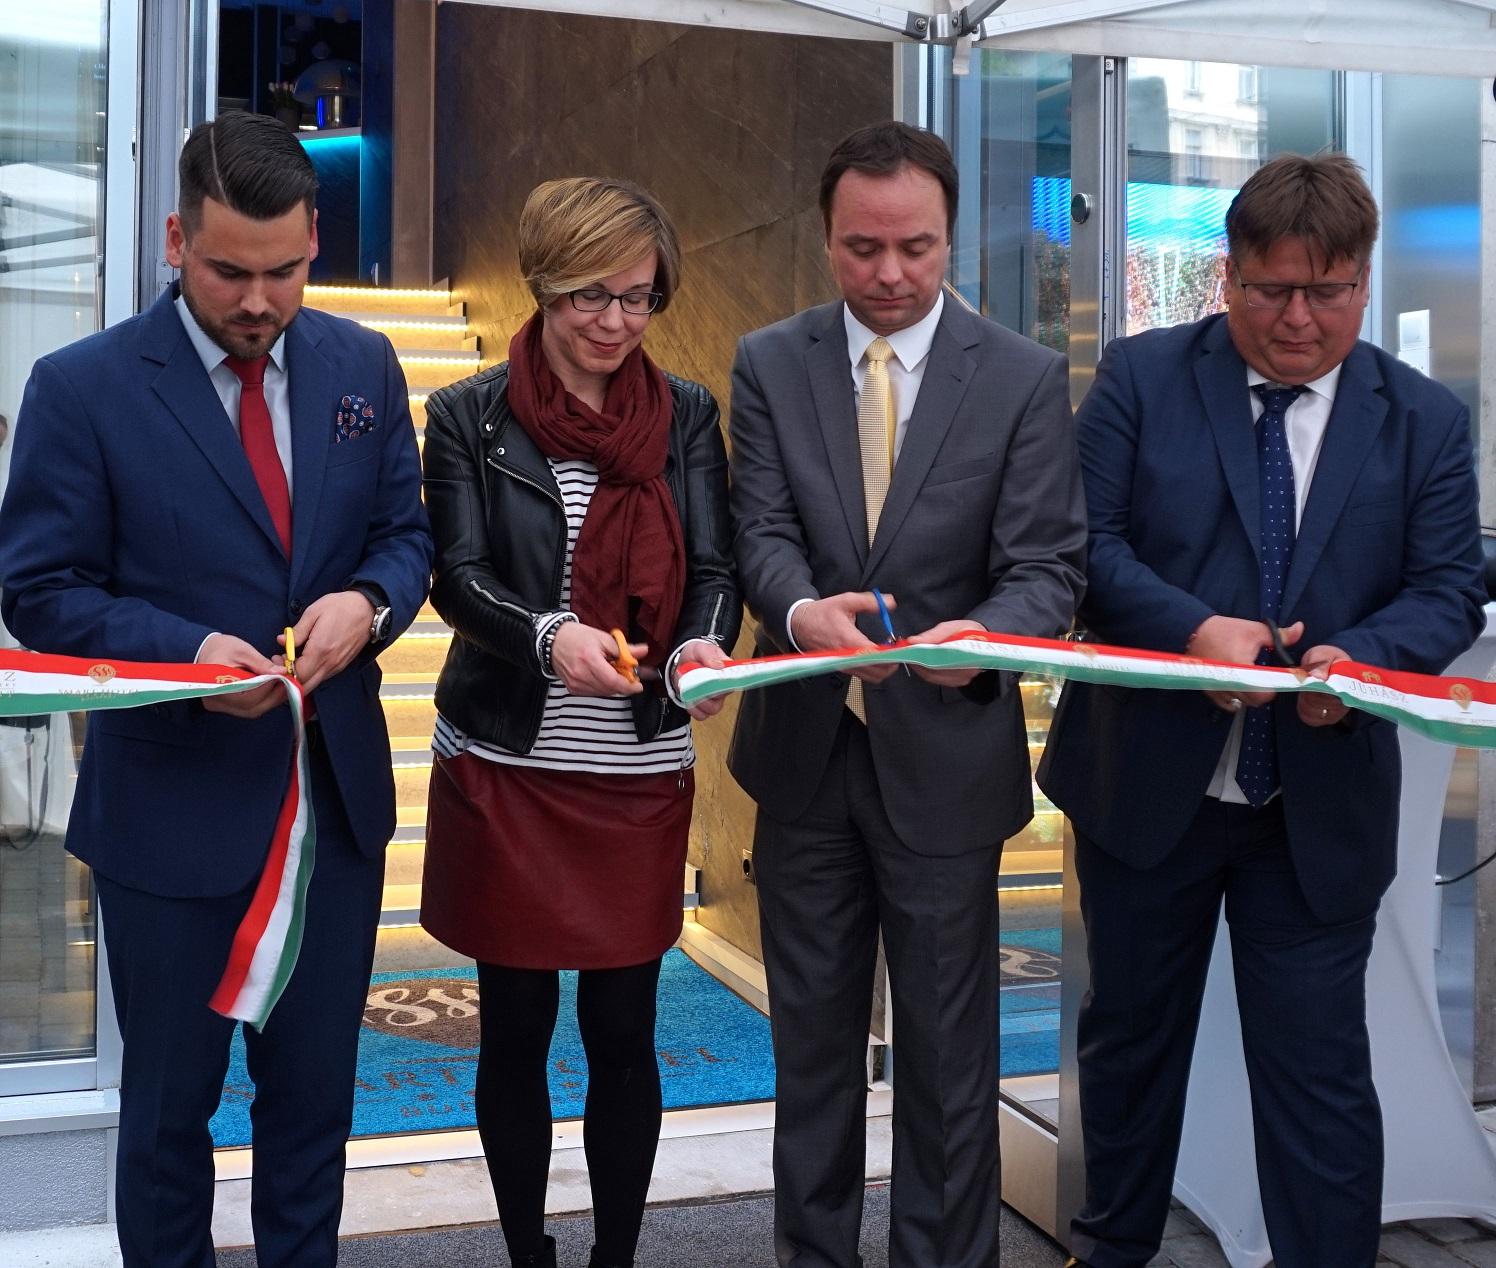 Egri boros szálloda nyílt Budapesten